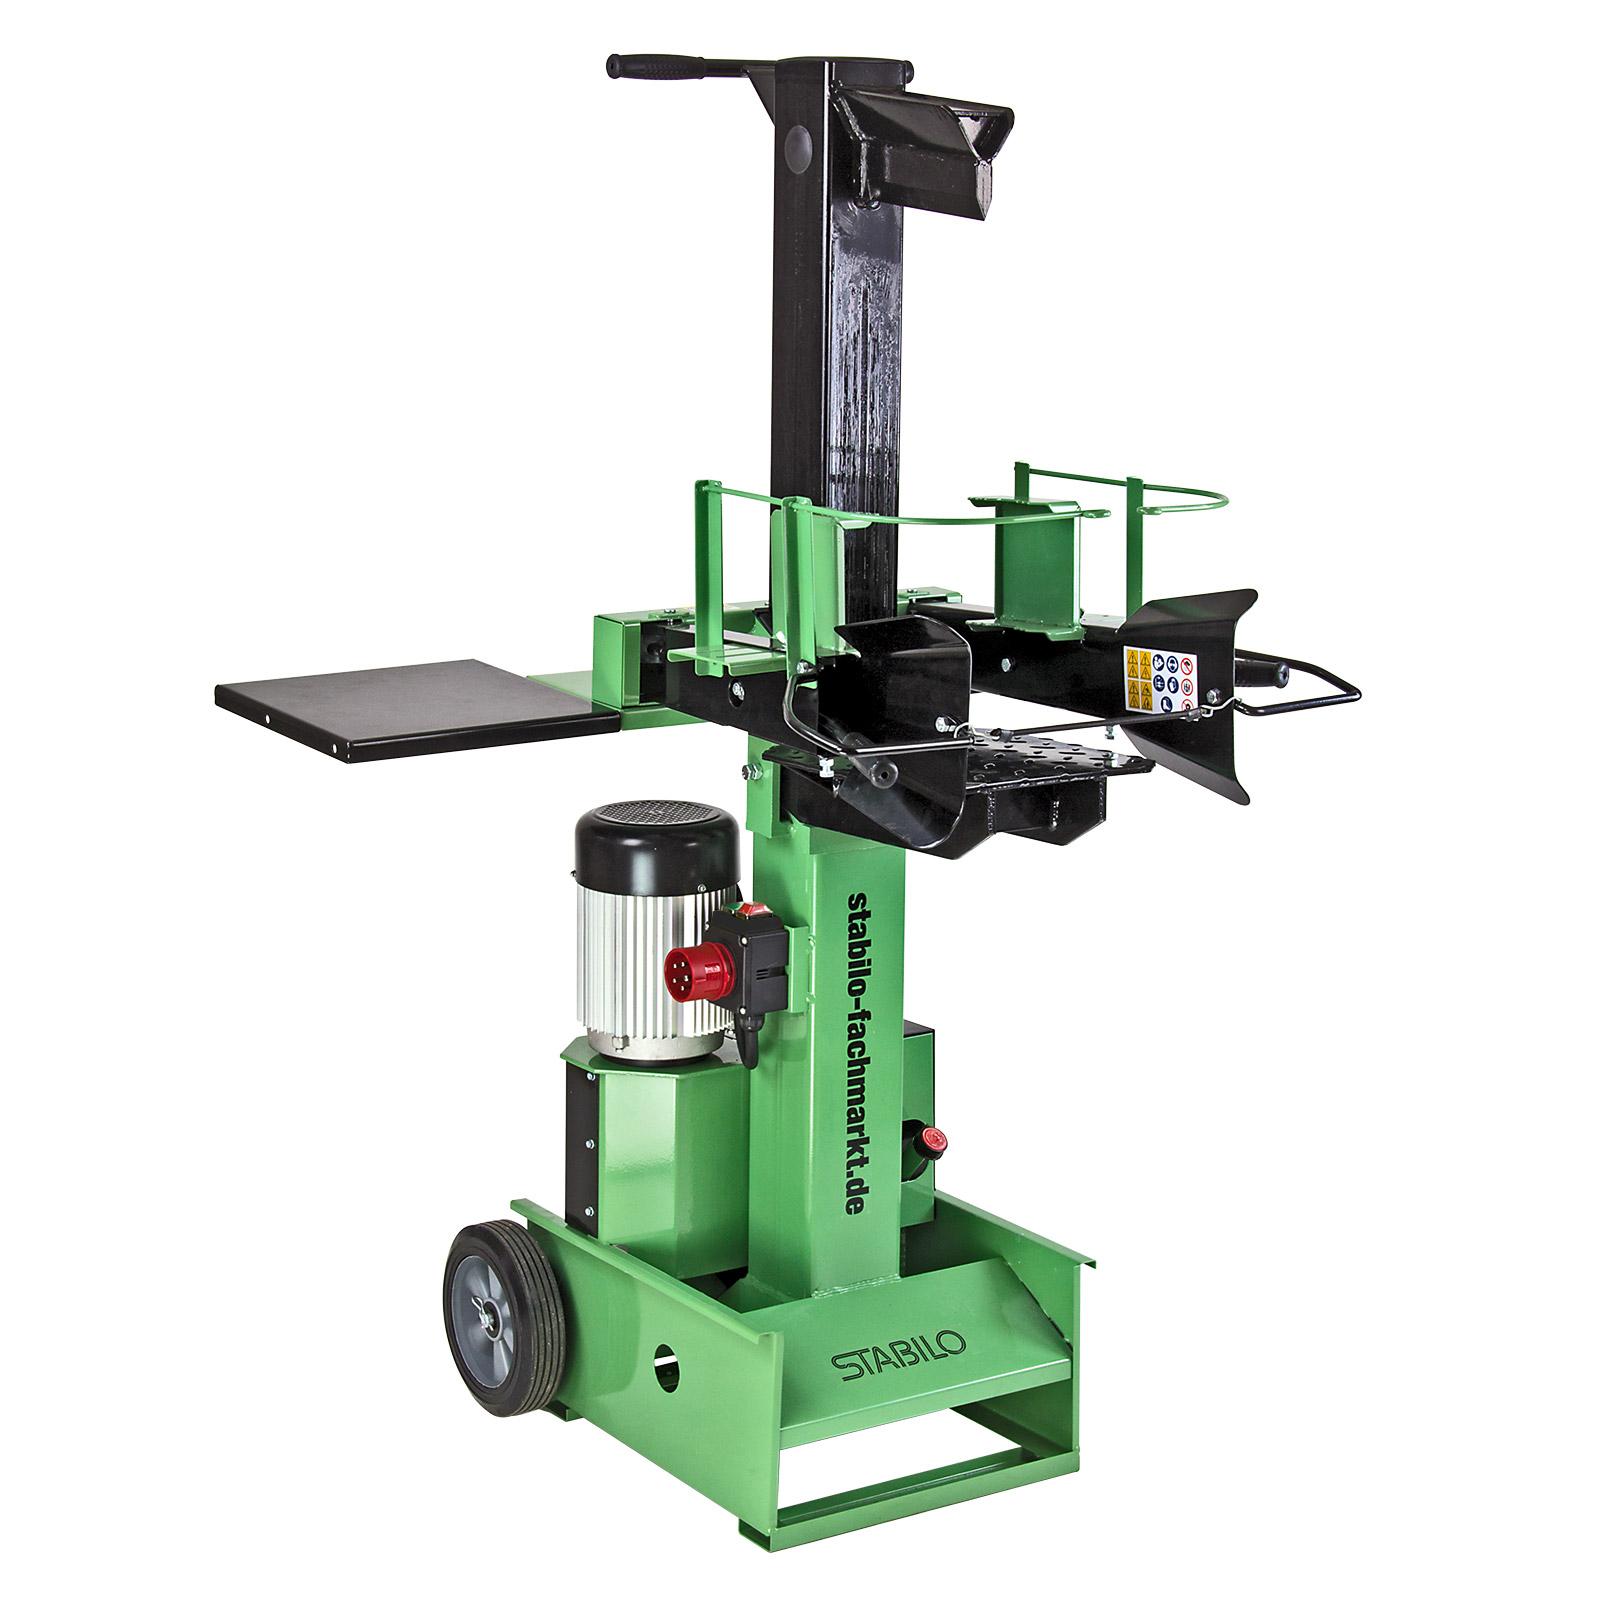 Holzspalter-Brennholzspalter-Brennholz-Spalter-mit-Spaltkreuz-8-to-917562